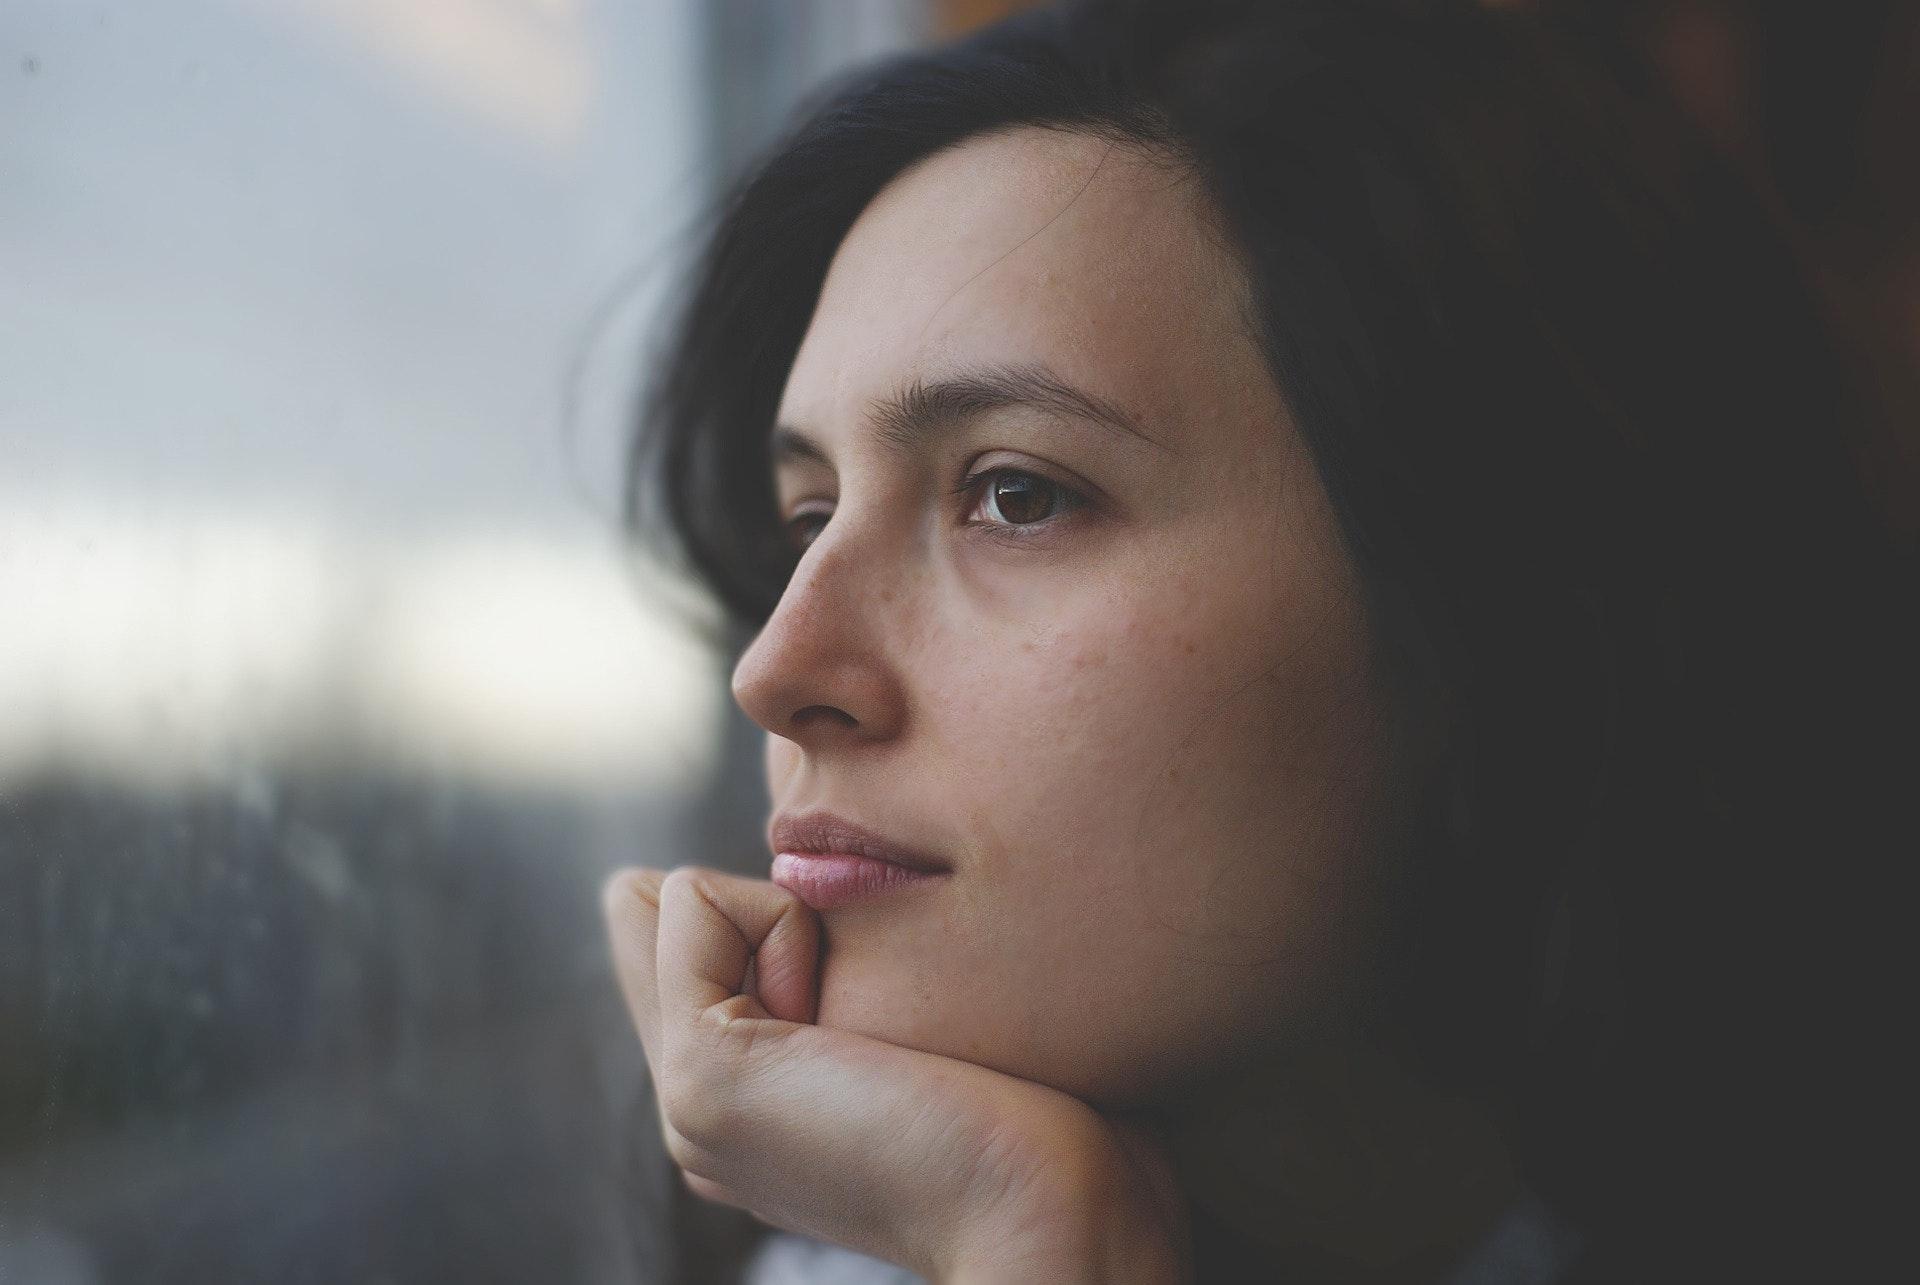 """Introvertti Marja, 22, vaihtoi tarjoilijasta siivoojaksi – """"Halusin tehdä töitä pääasiassa yksin"""""""